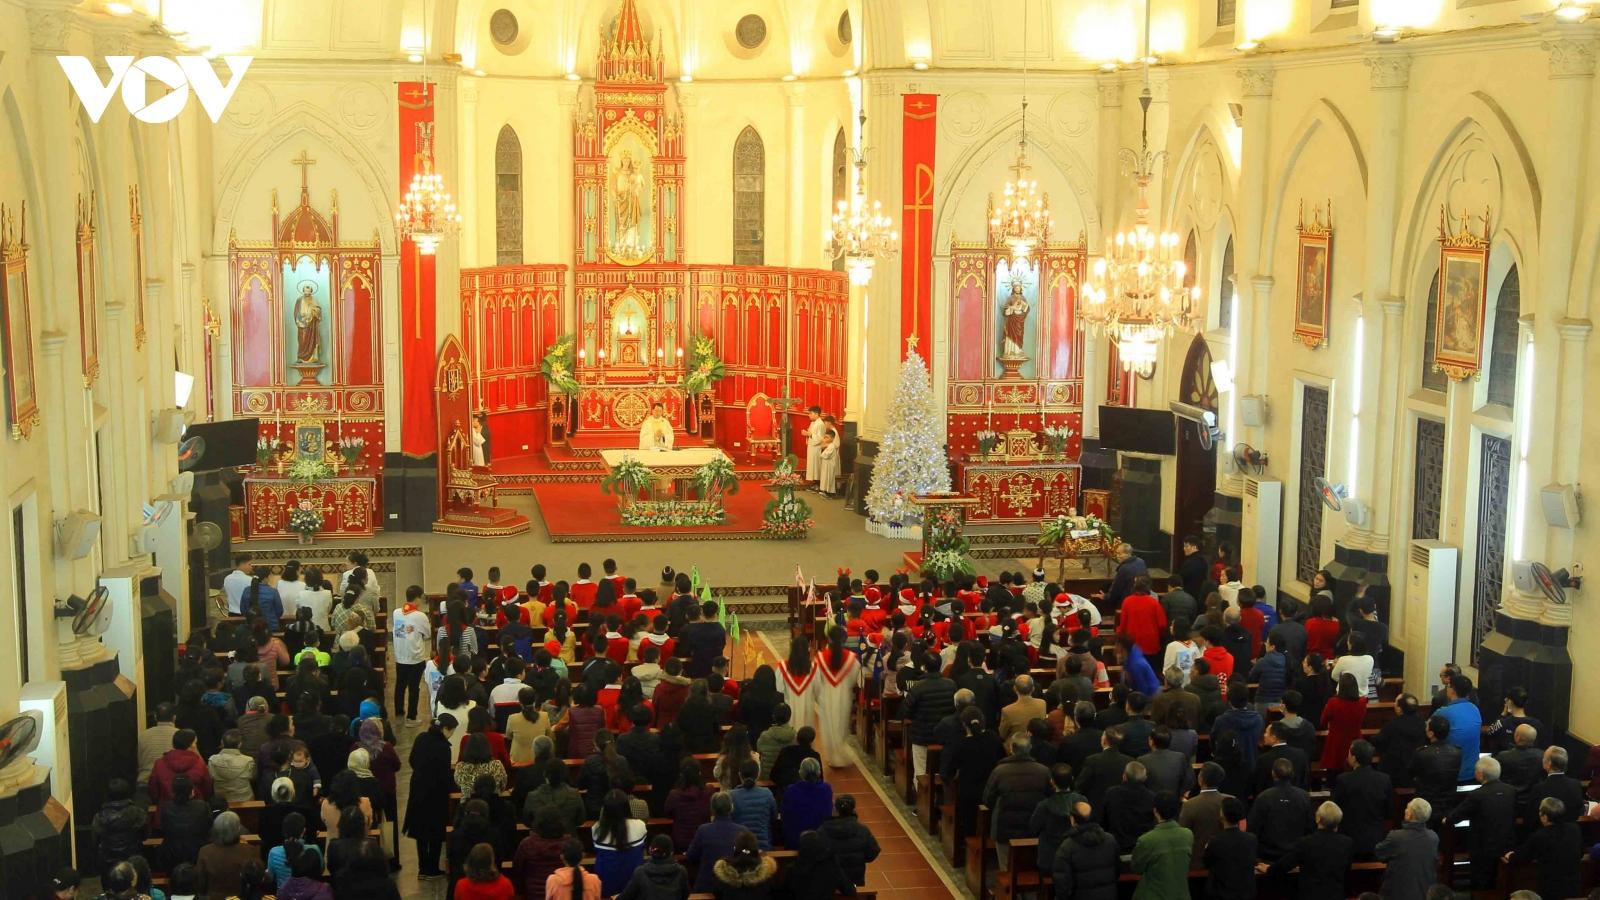 Đồng bào Công giáo tại một số tỉnh, thành đón Giáng sinh tươi vui, ấm áp